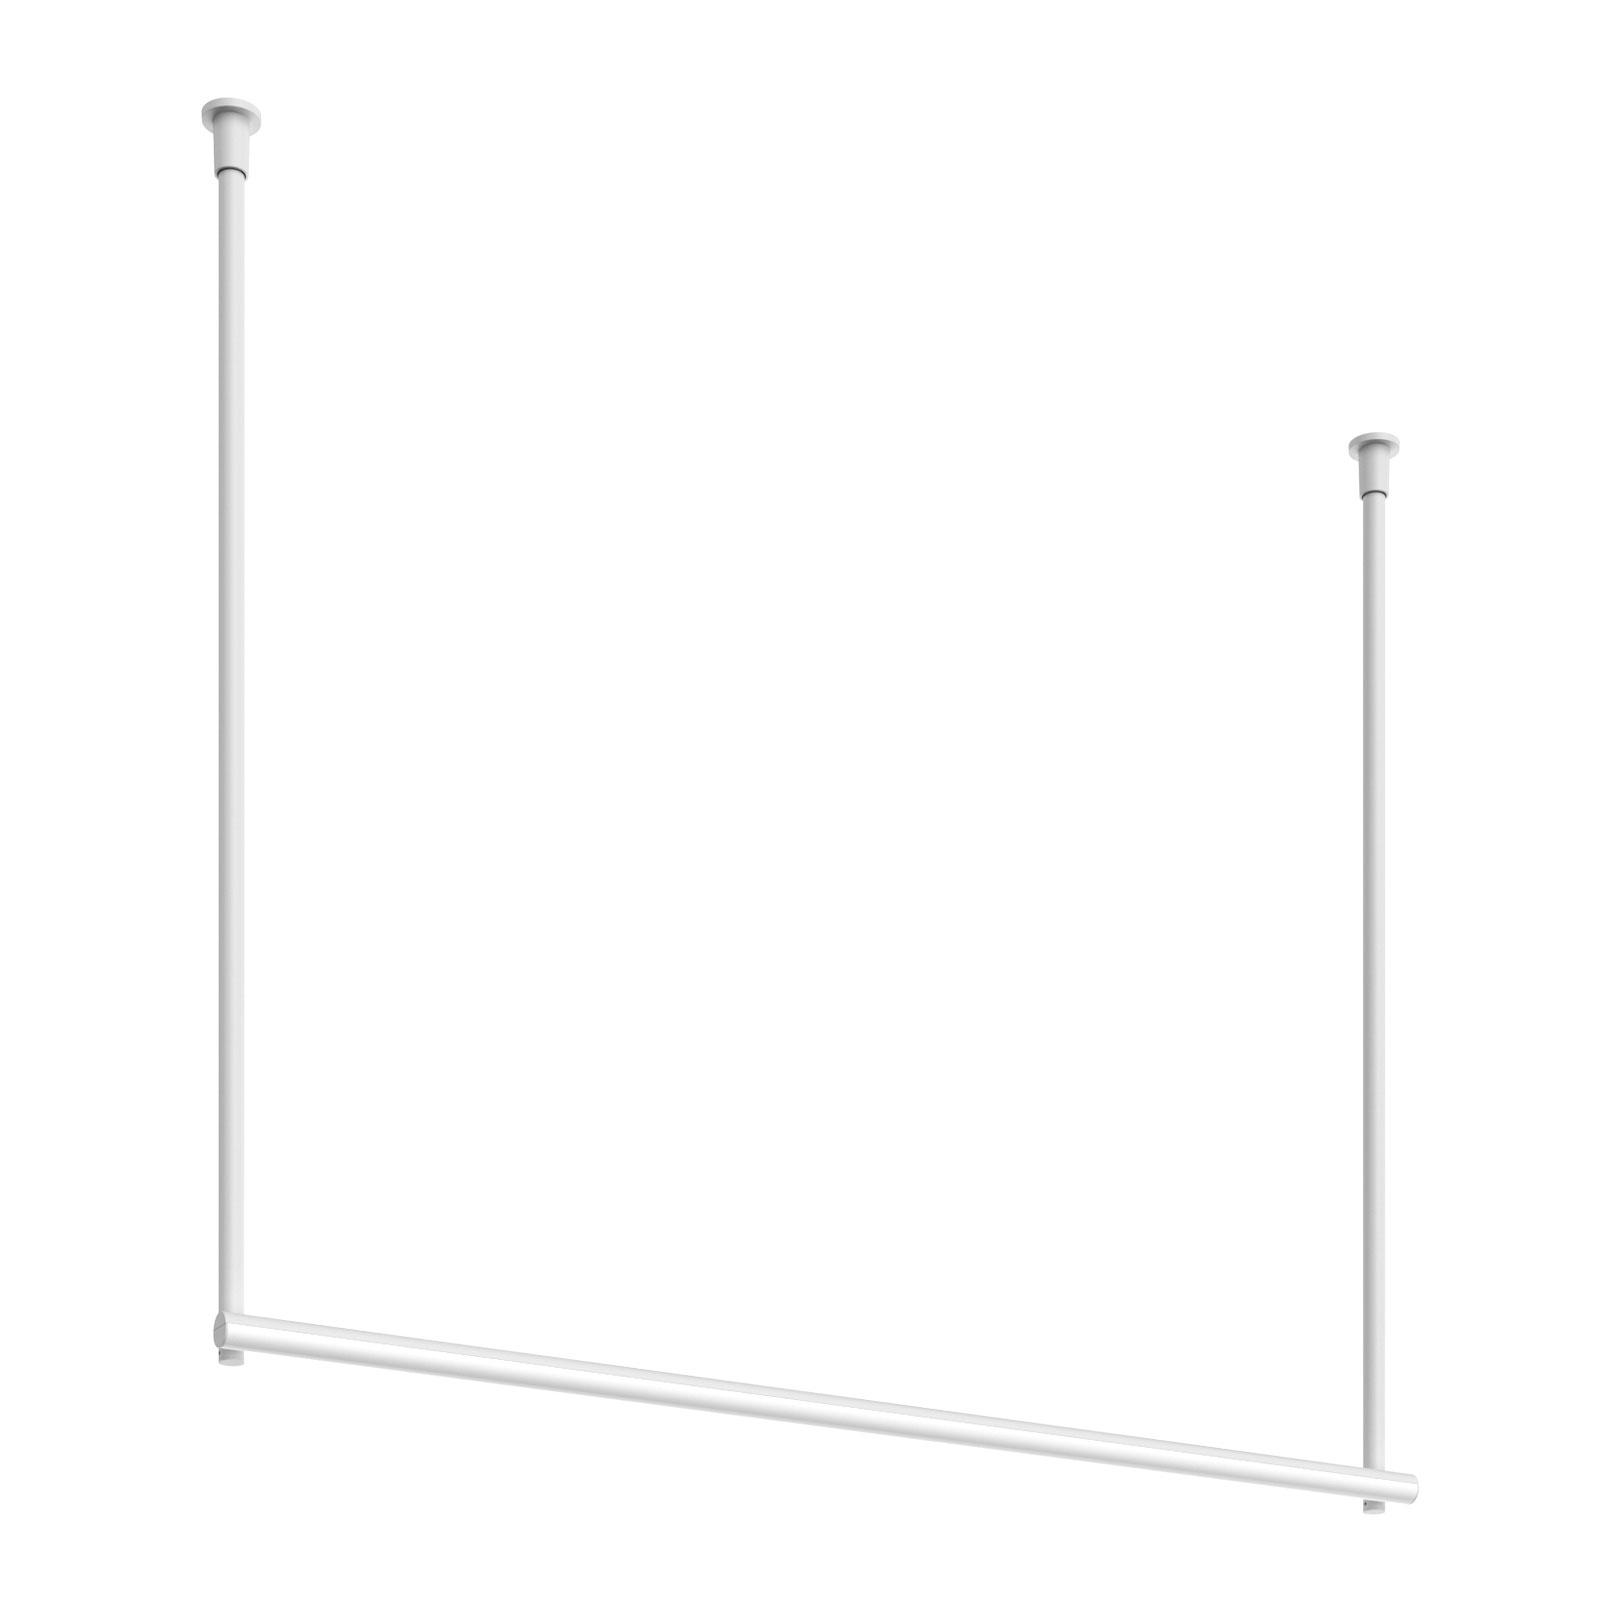 FLOS Infra-Structure C2 LED-Deckenlampe weiß